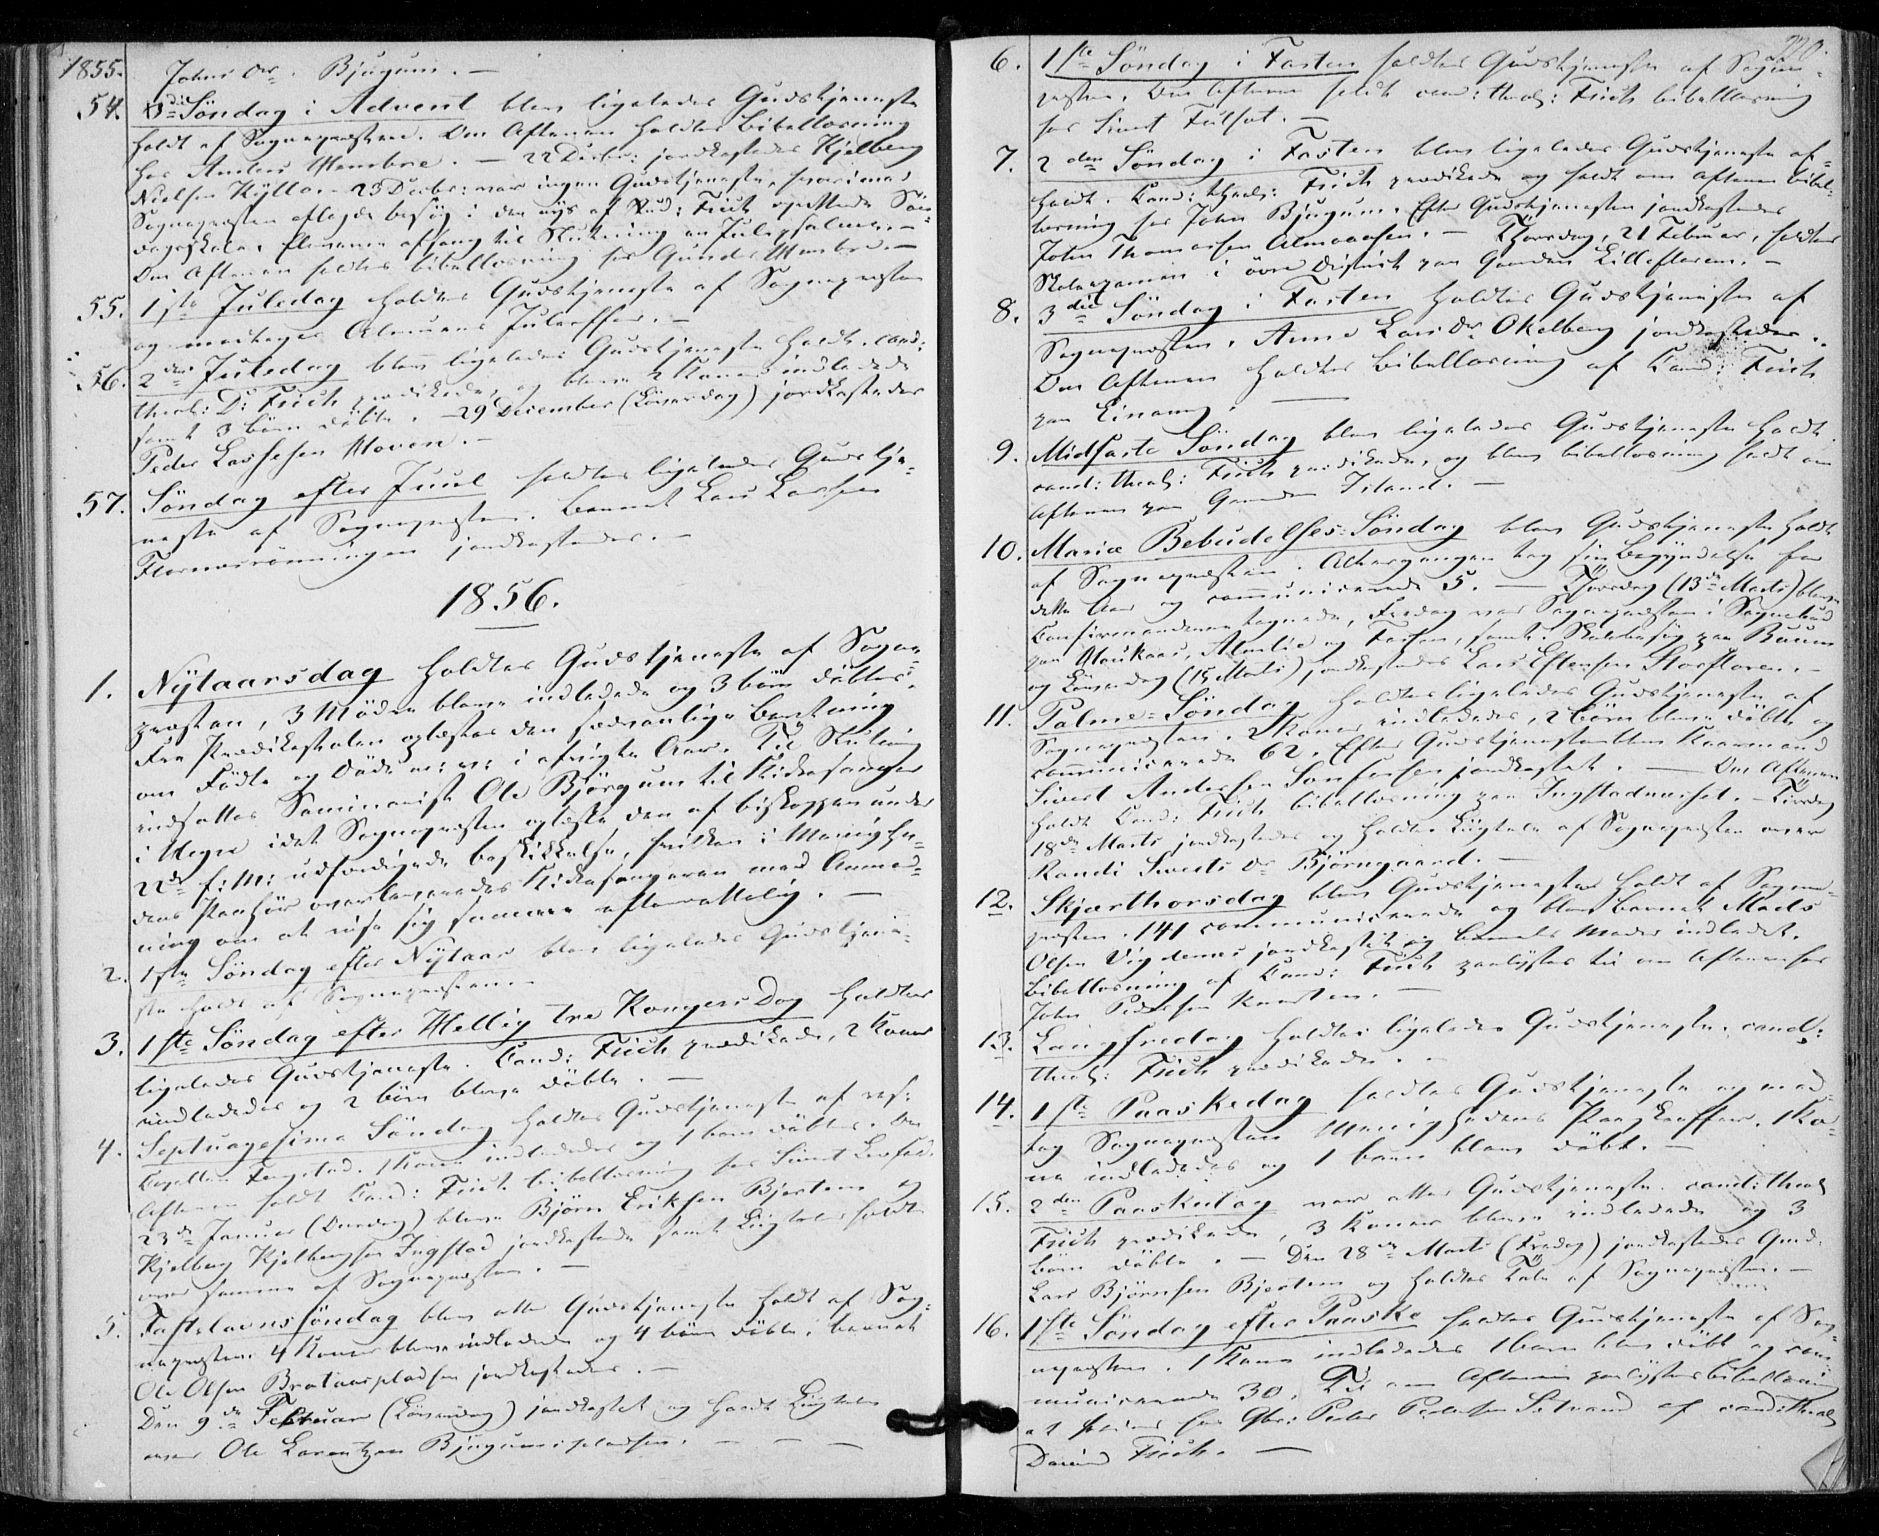 SAT, Ministerialprotokoller, klokkerbøker og fødselsregistre - Nord-Trøndelag, 703/L0028: Ministerialbok nr. 703A01, 1850-1862, s. 220